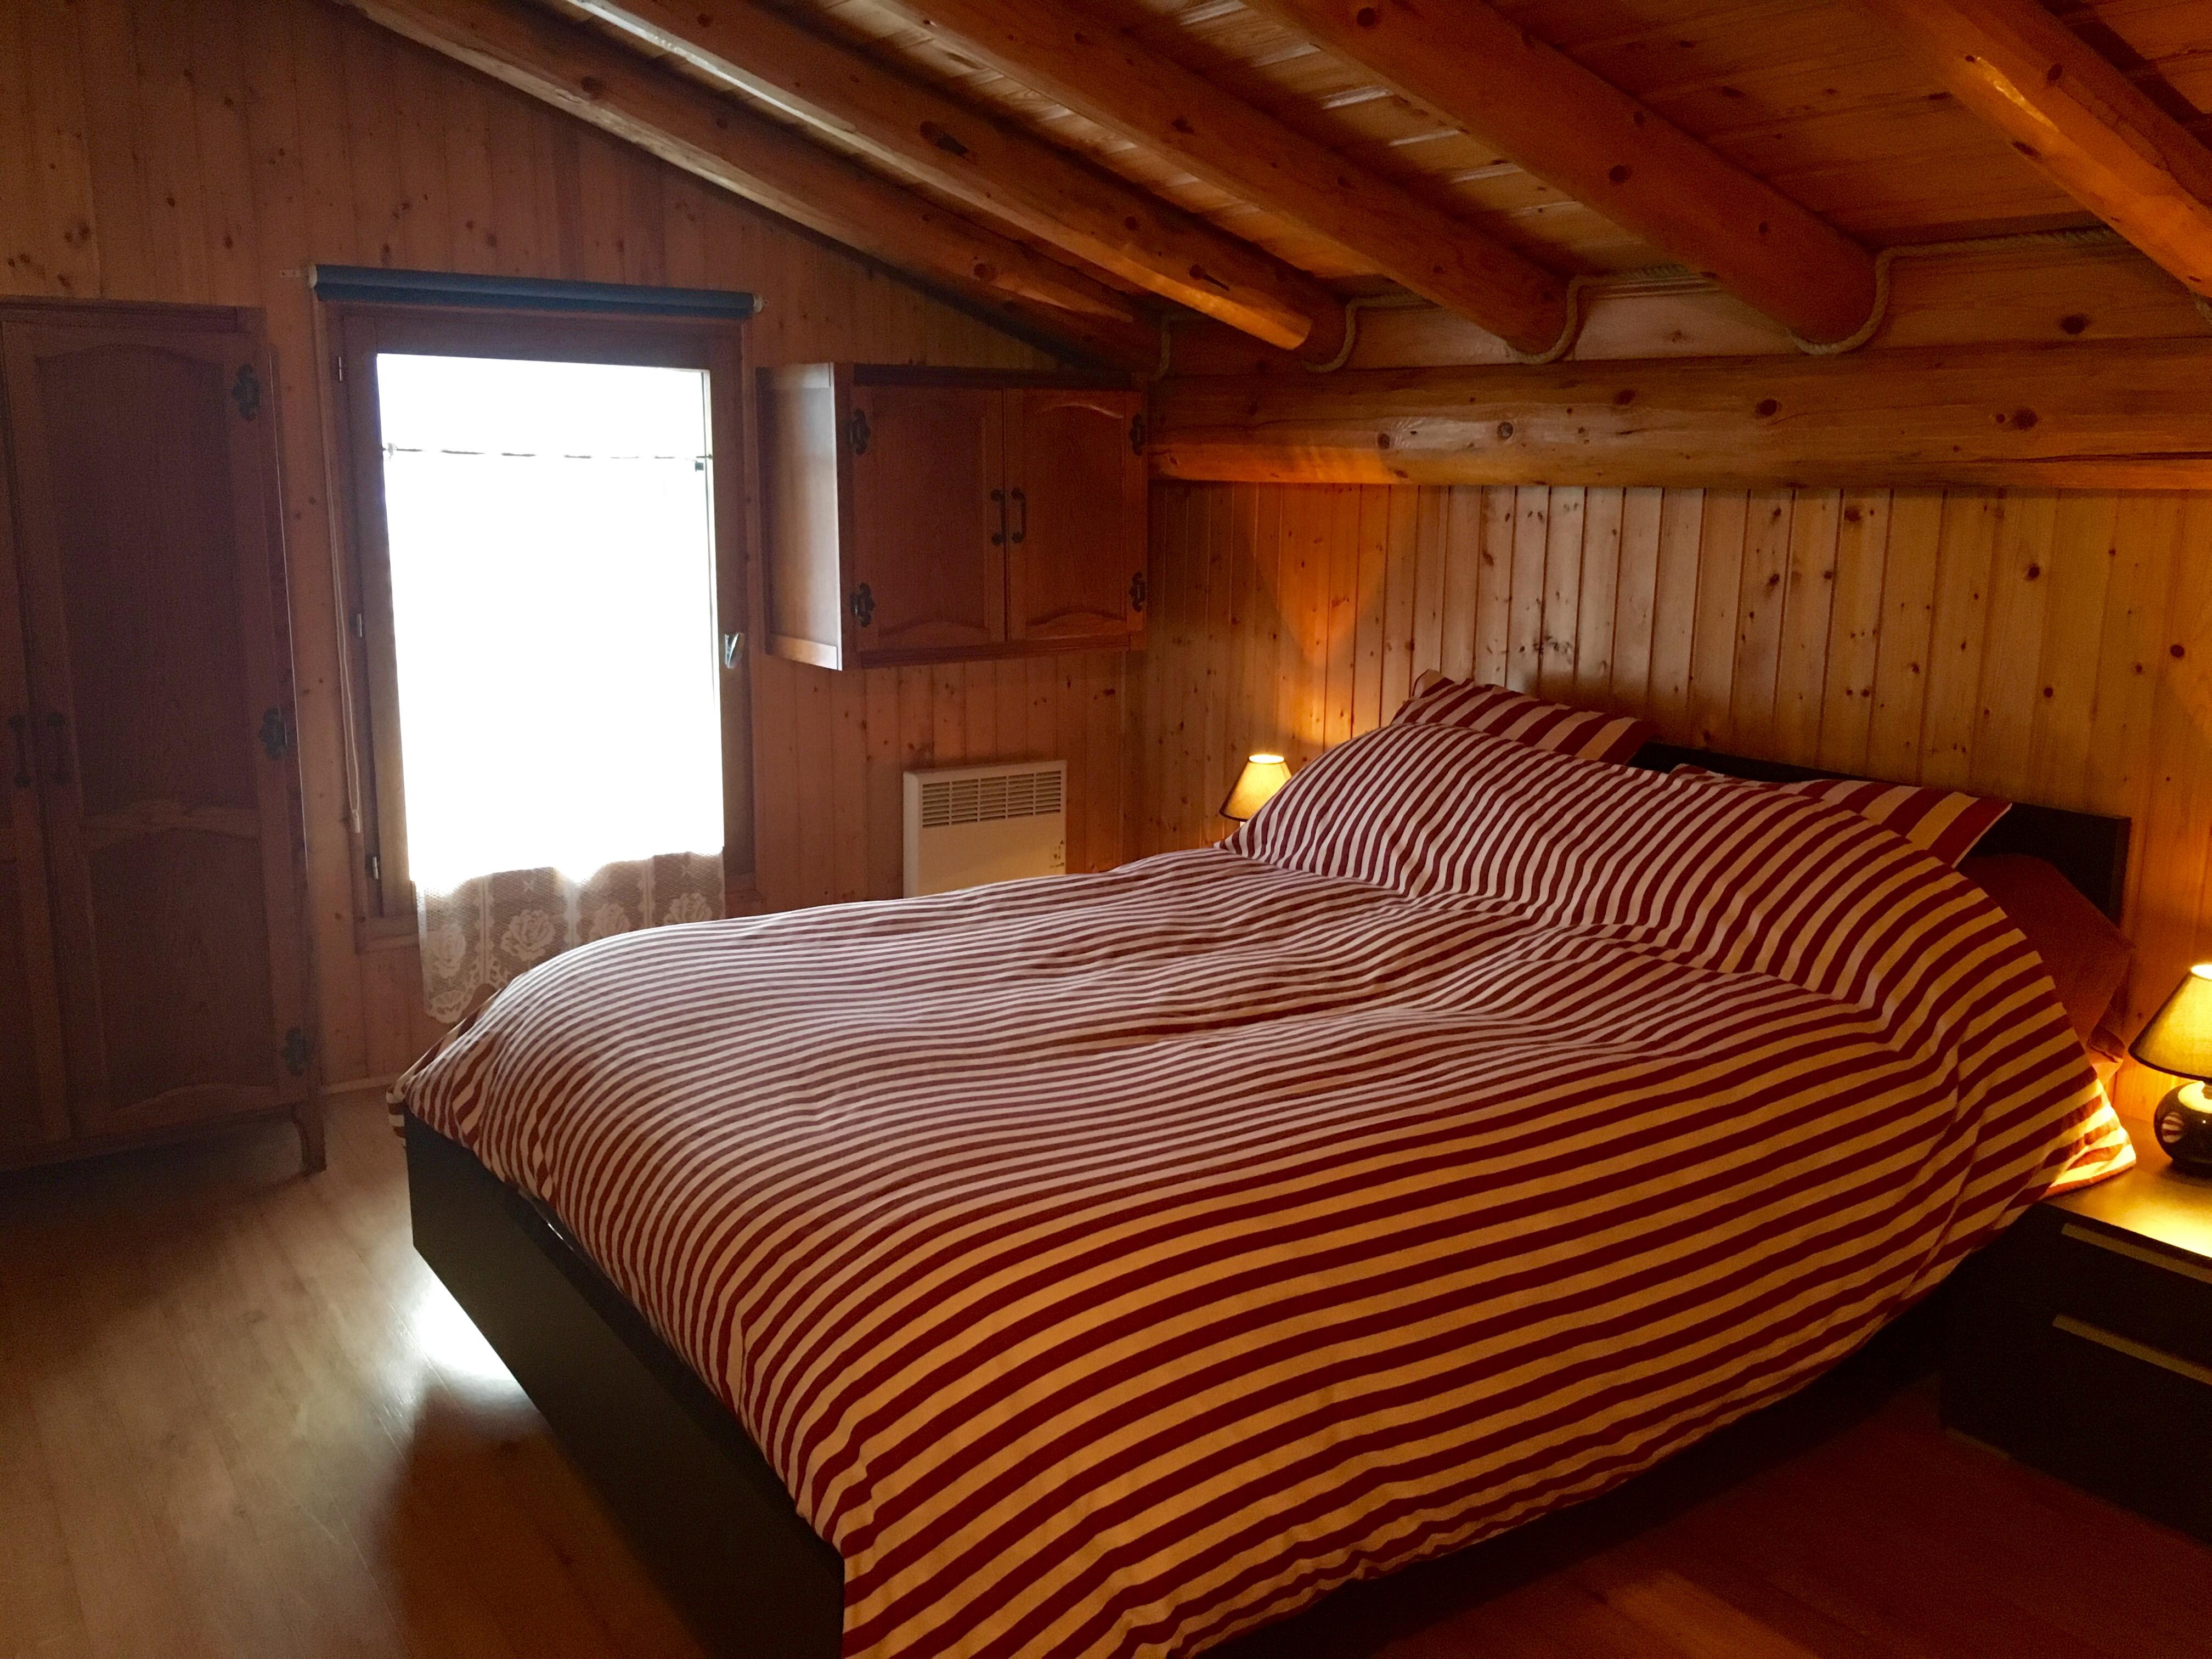 chambre_double_la_marlougre_bessans